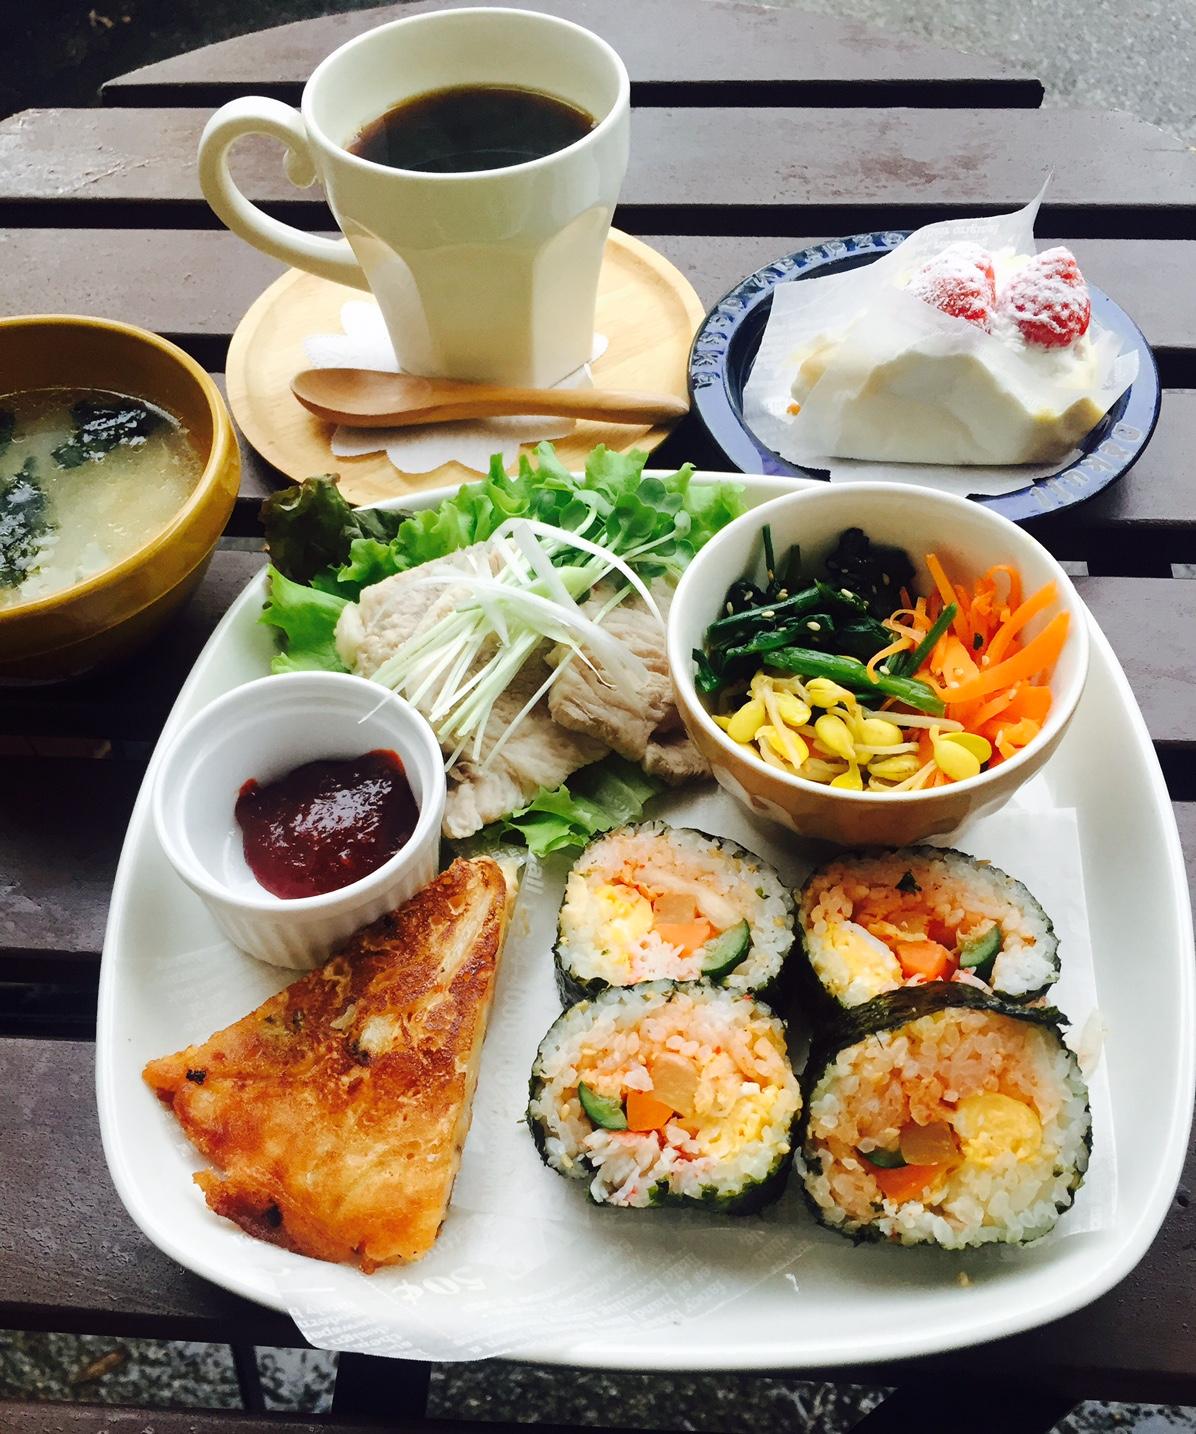 lunch0126.jpg